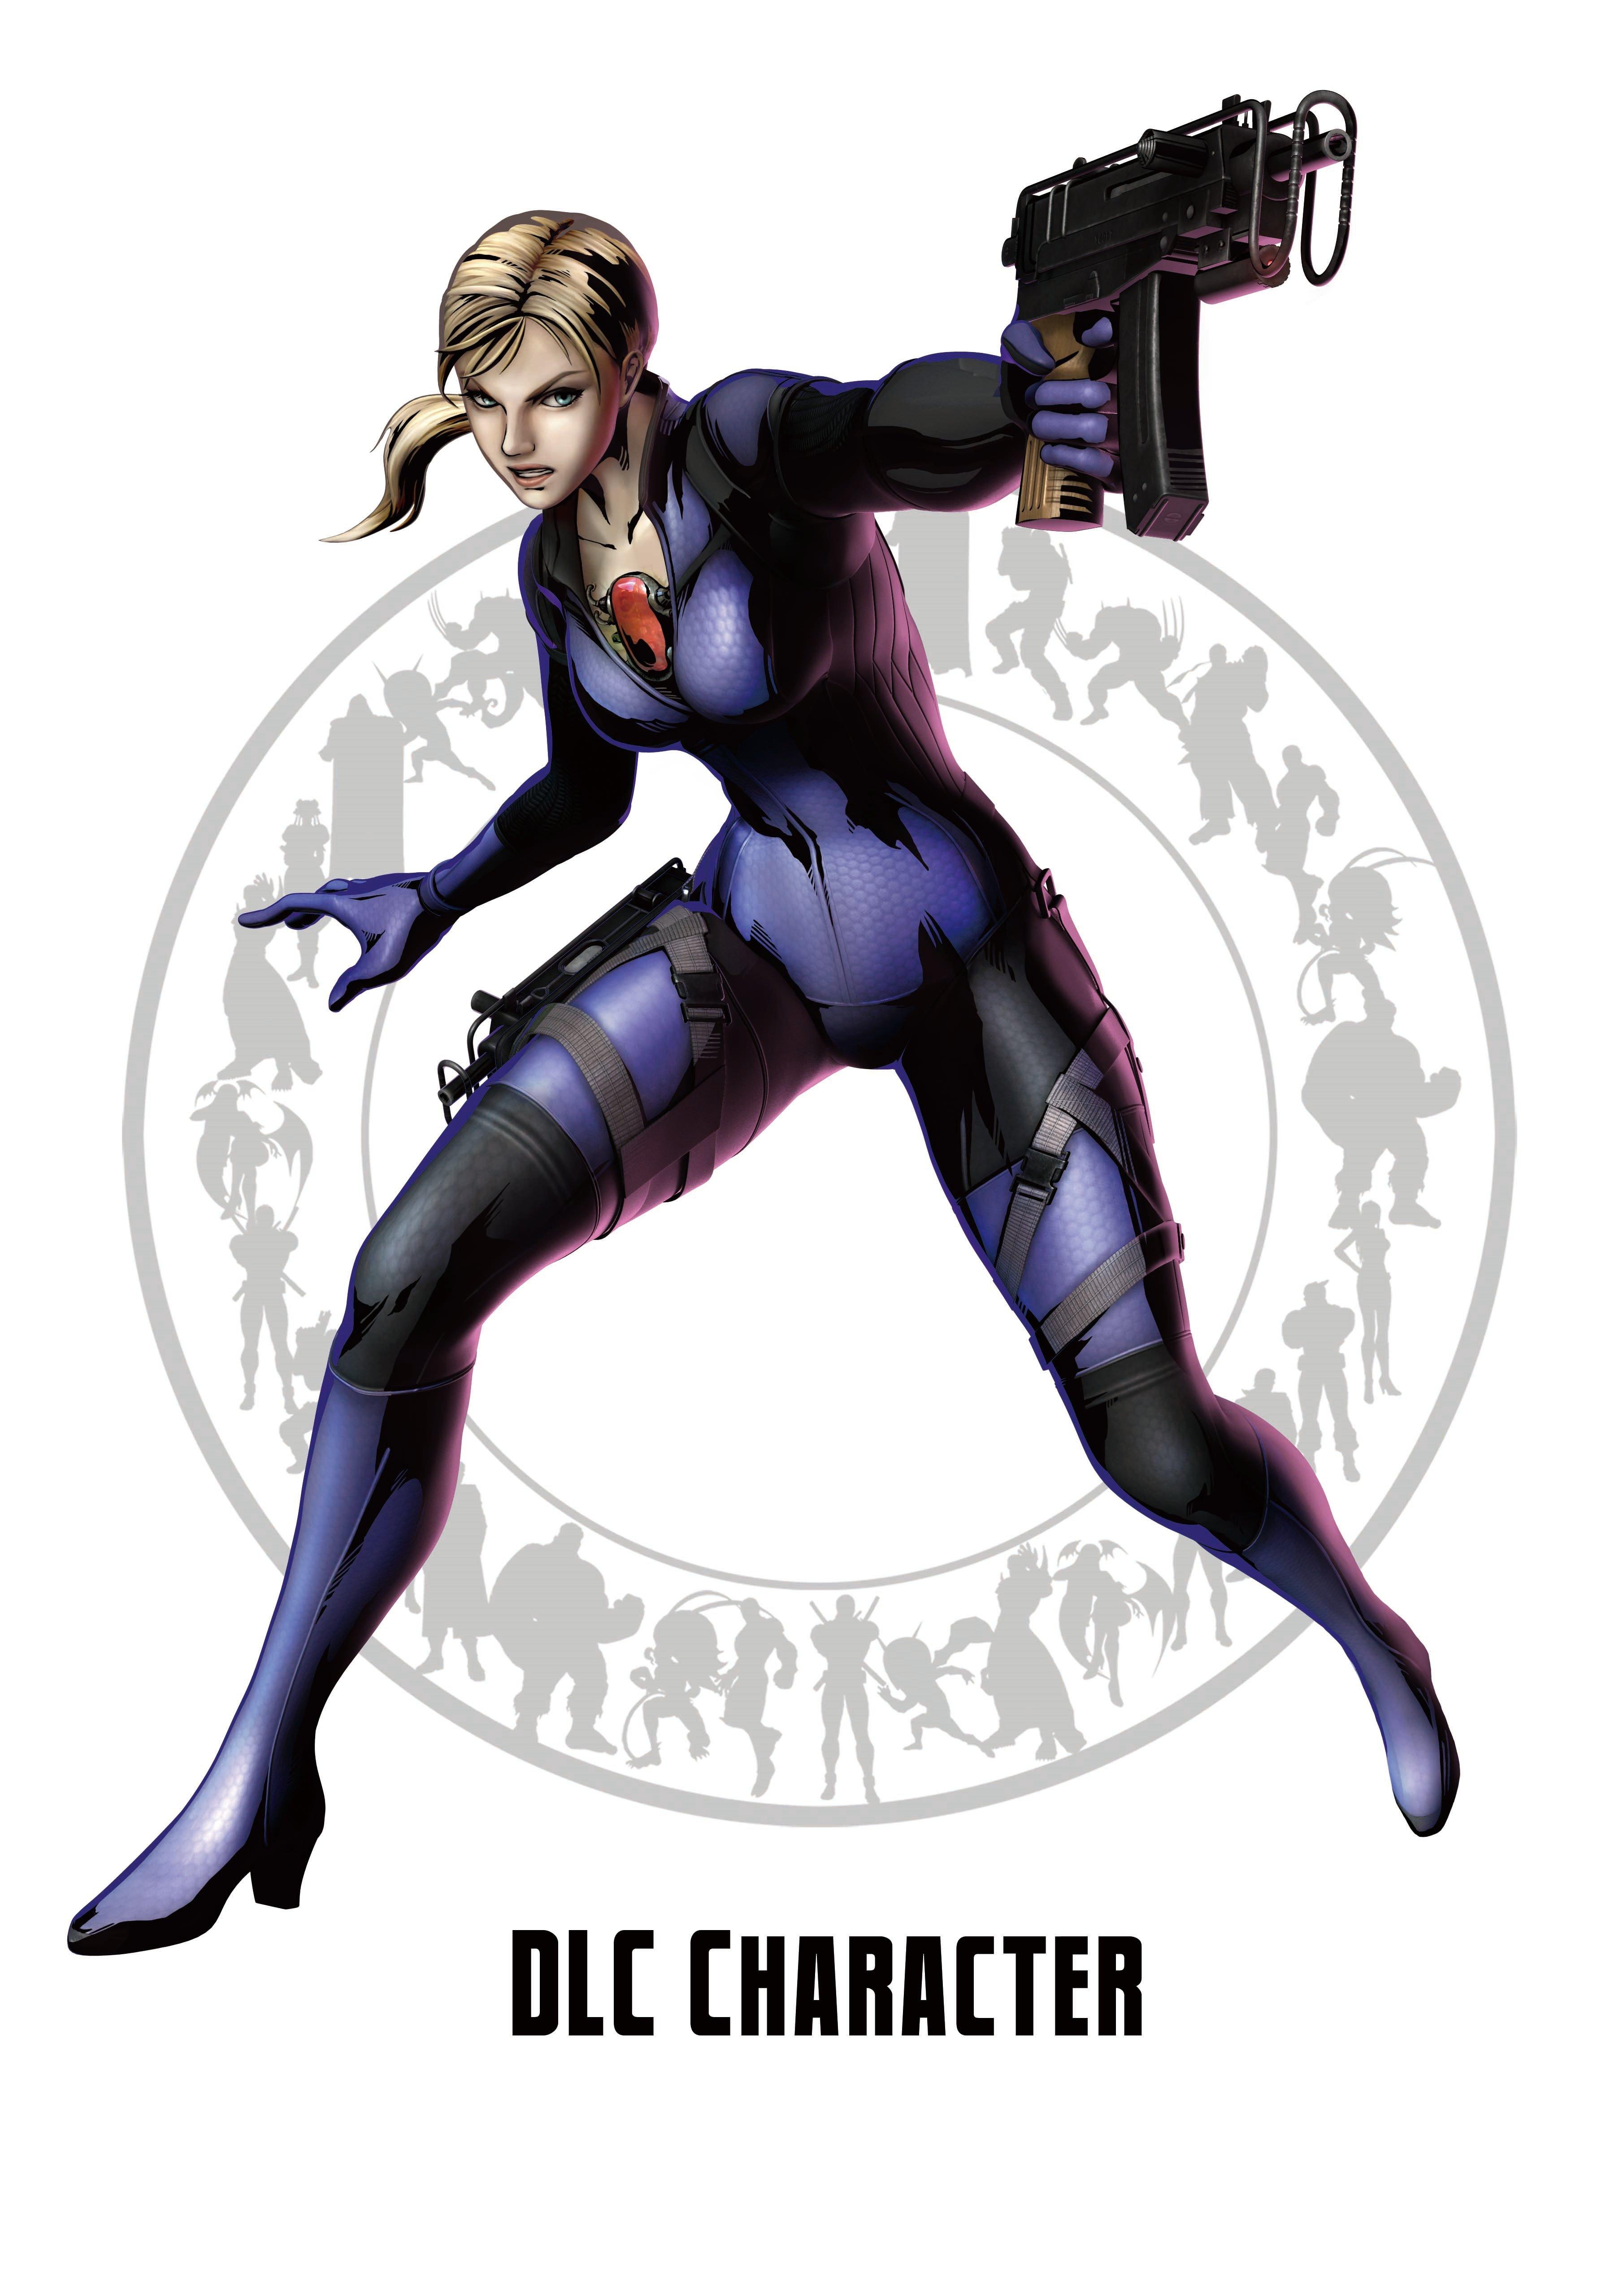 Джилл Валентайн - Marvel vs. Capcom 3: Fate of Two Worlds Арт, Персонаж